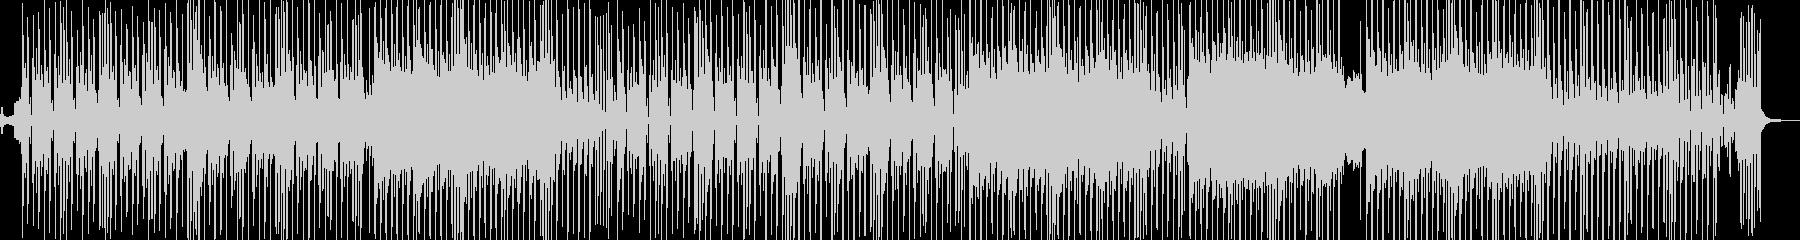 ビターエンドがテーマのスロウテクノ 長尺の未再生の波形